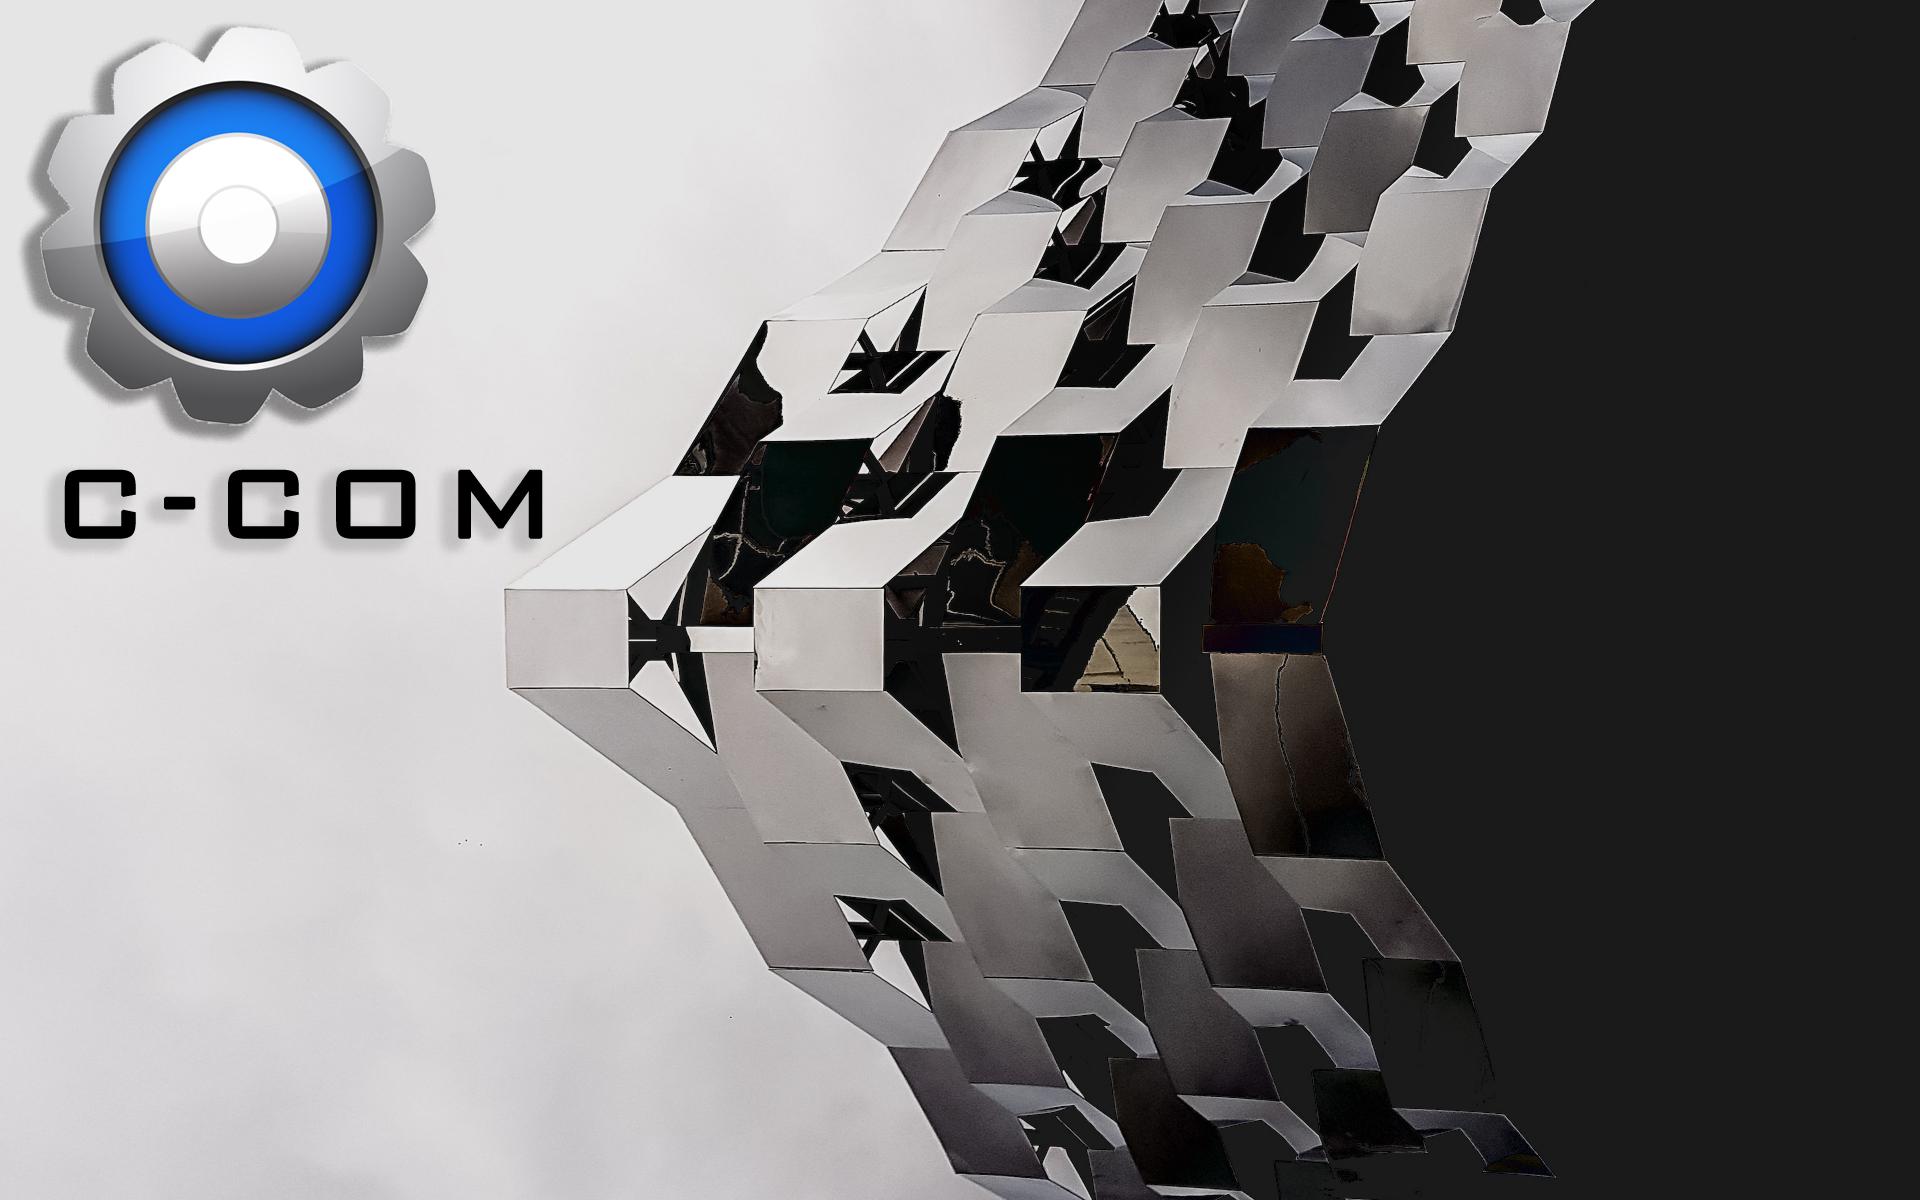 C-COM